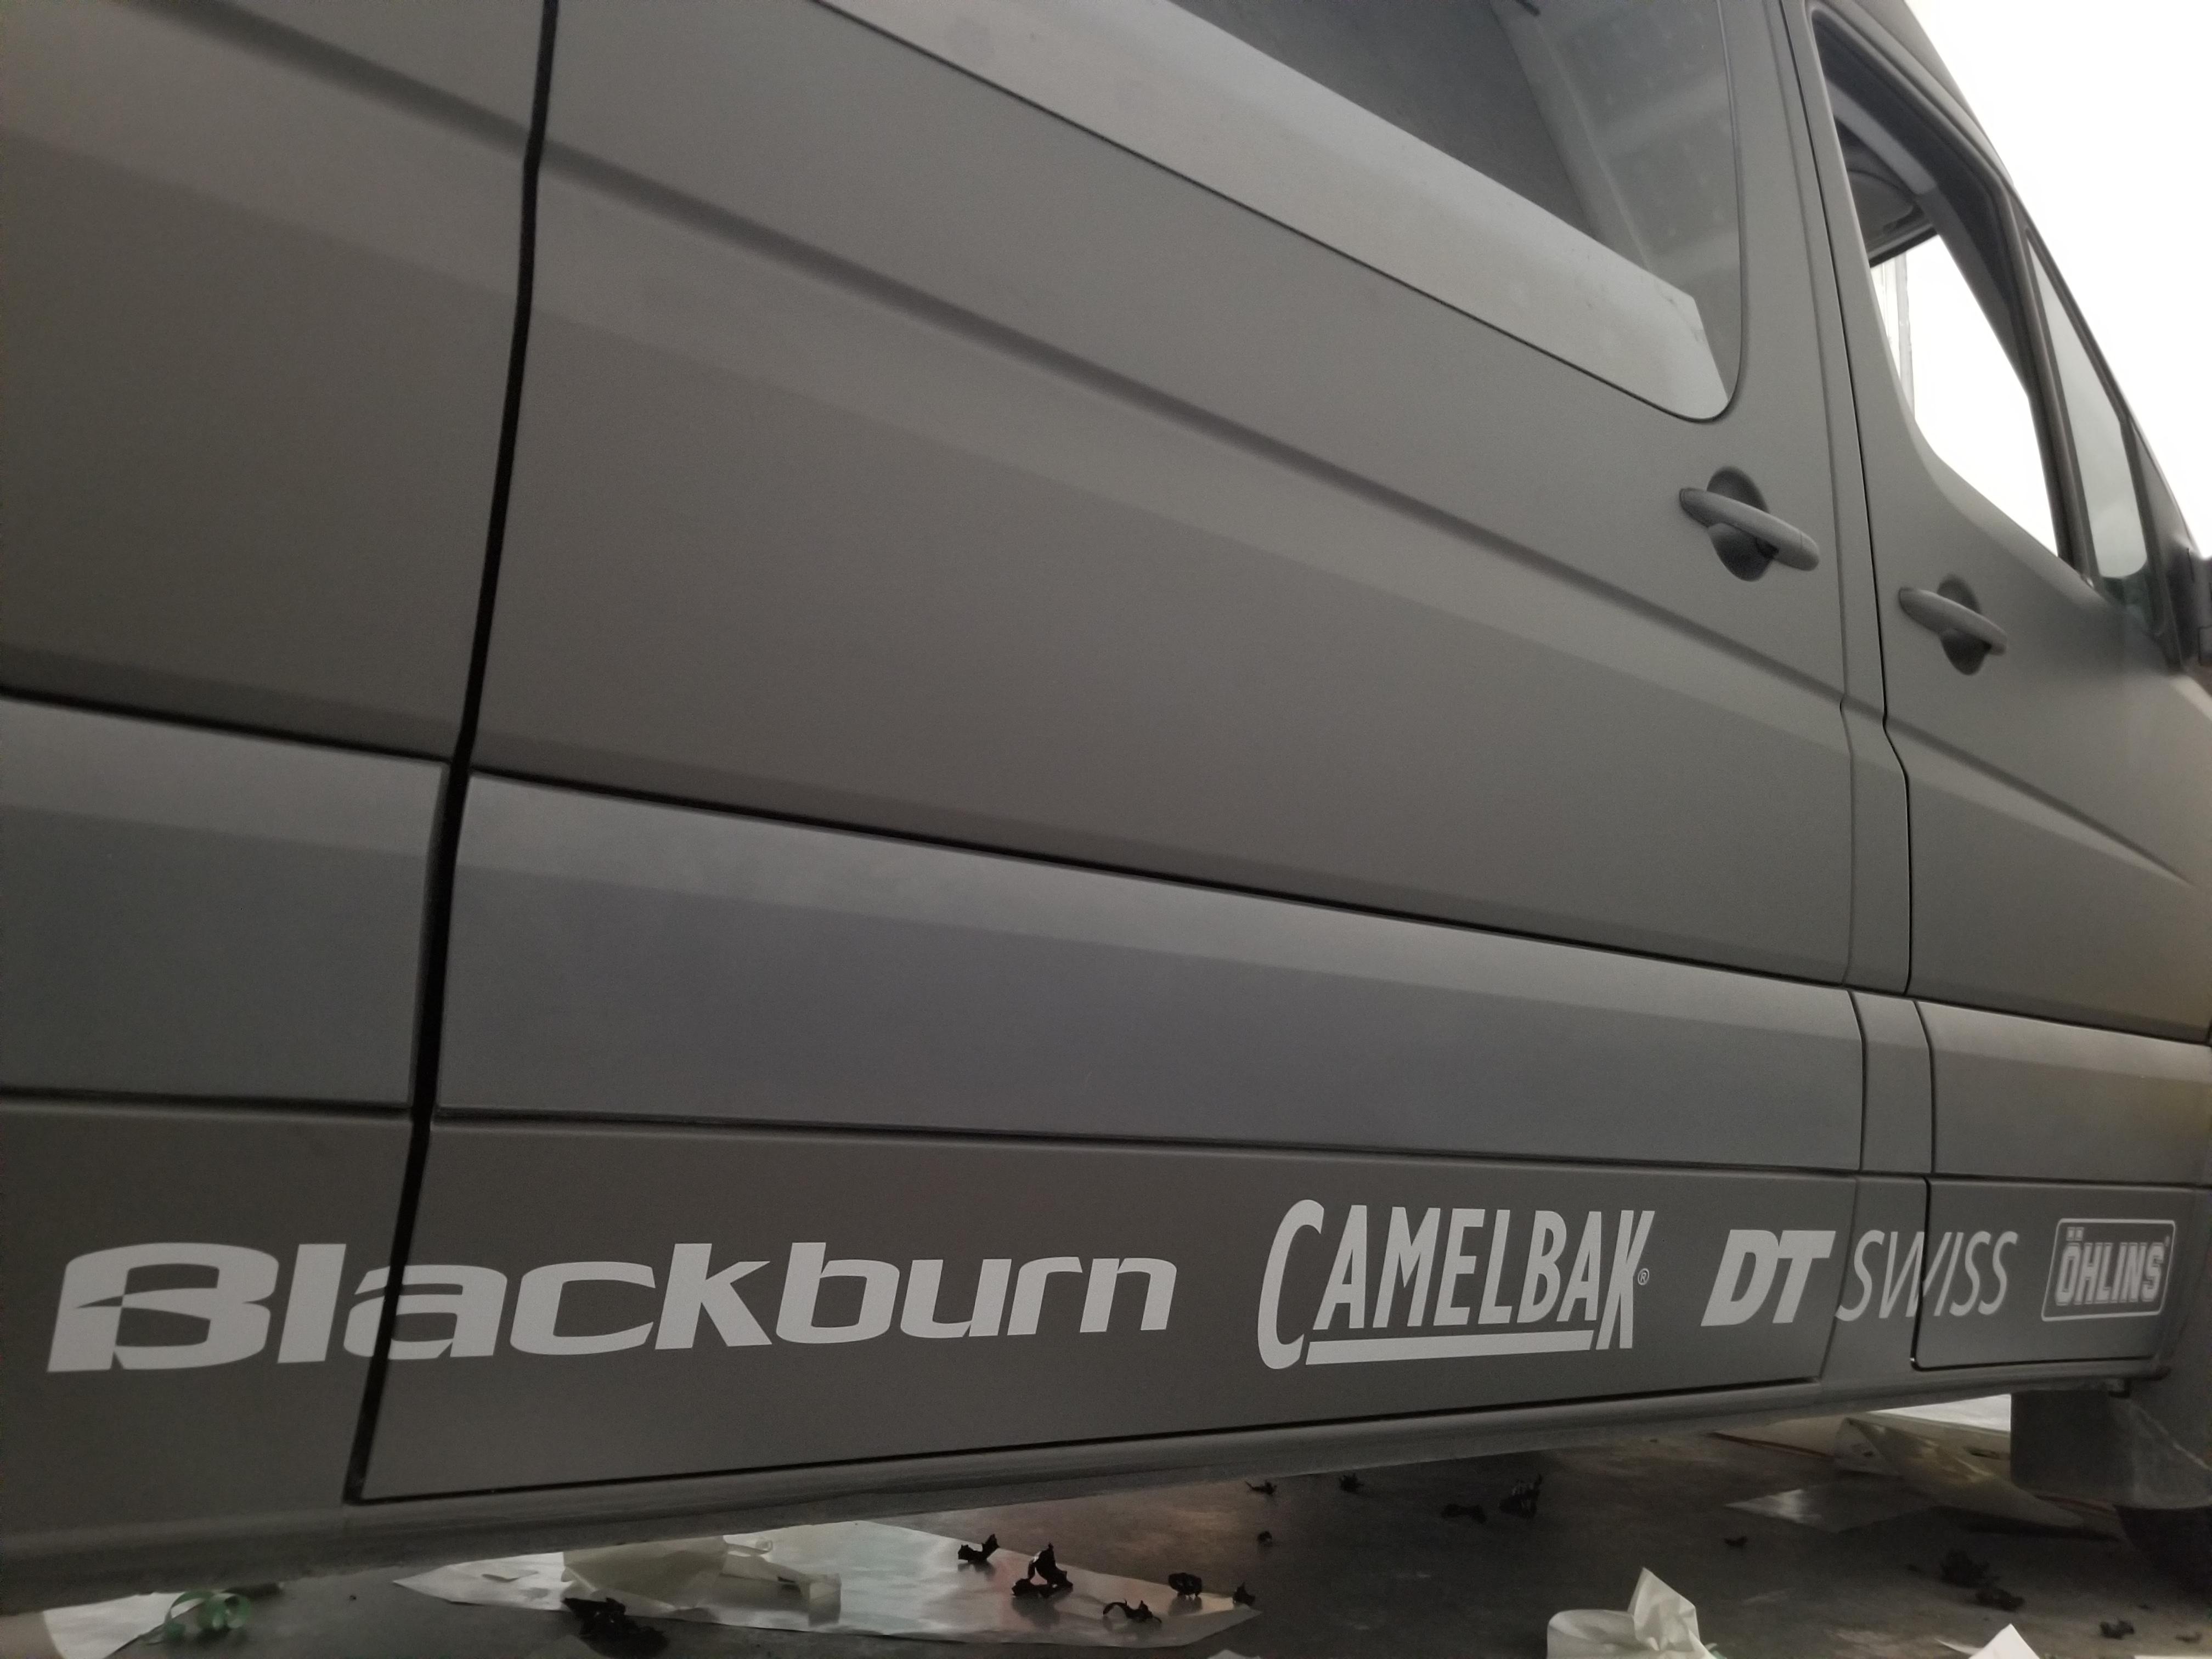 Vehicle Graphics/Wraps